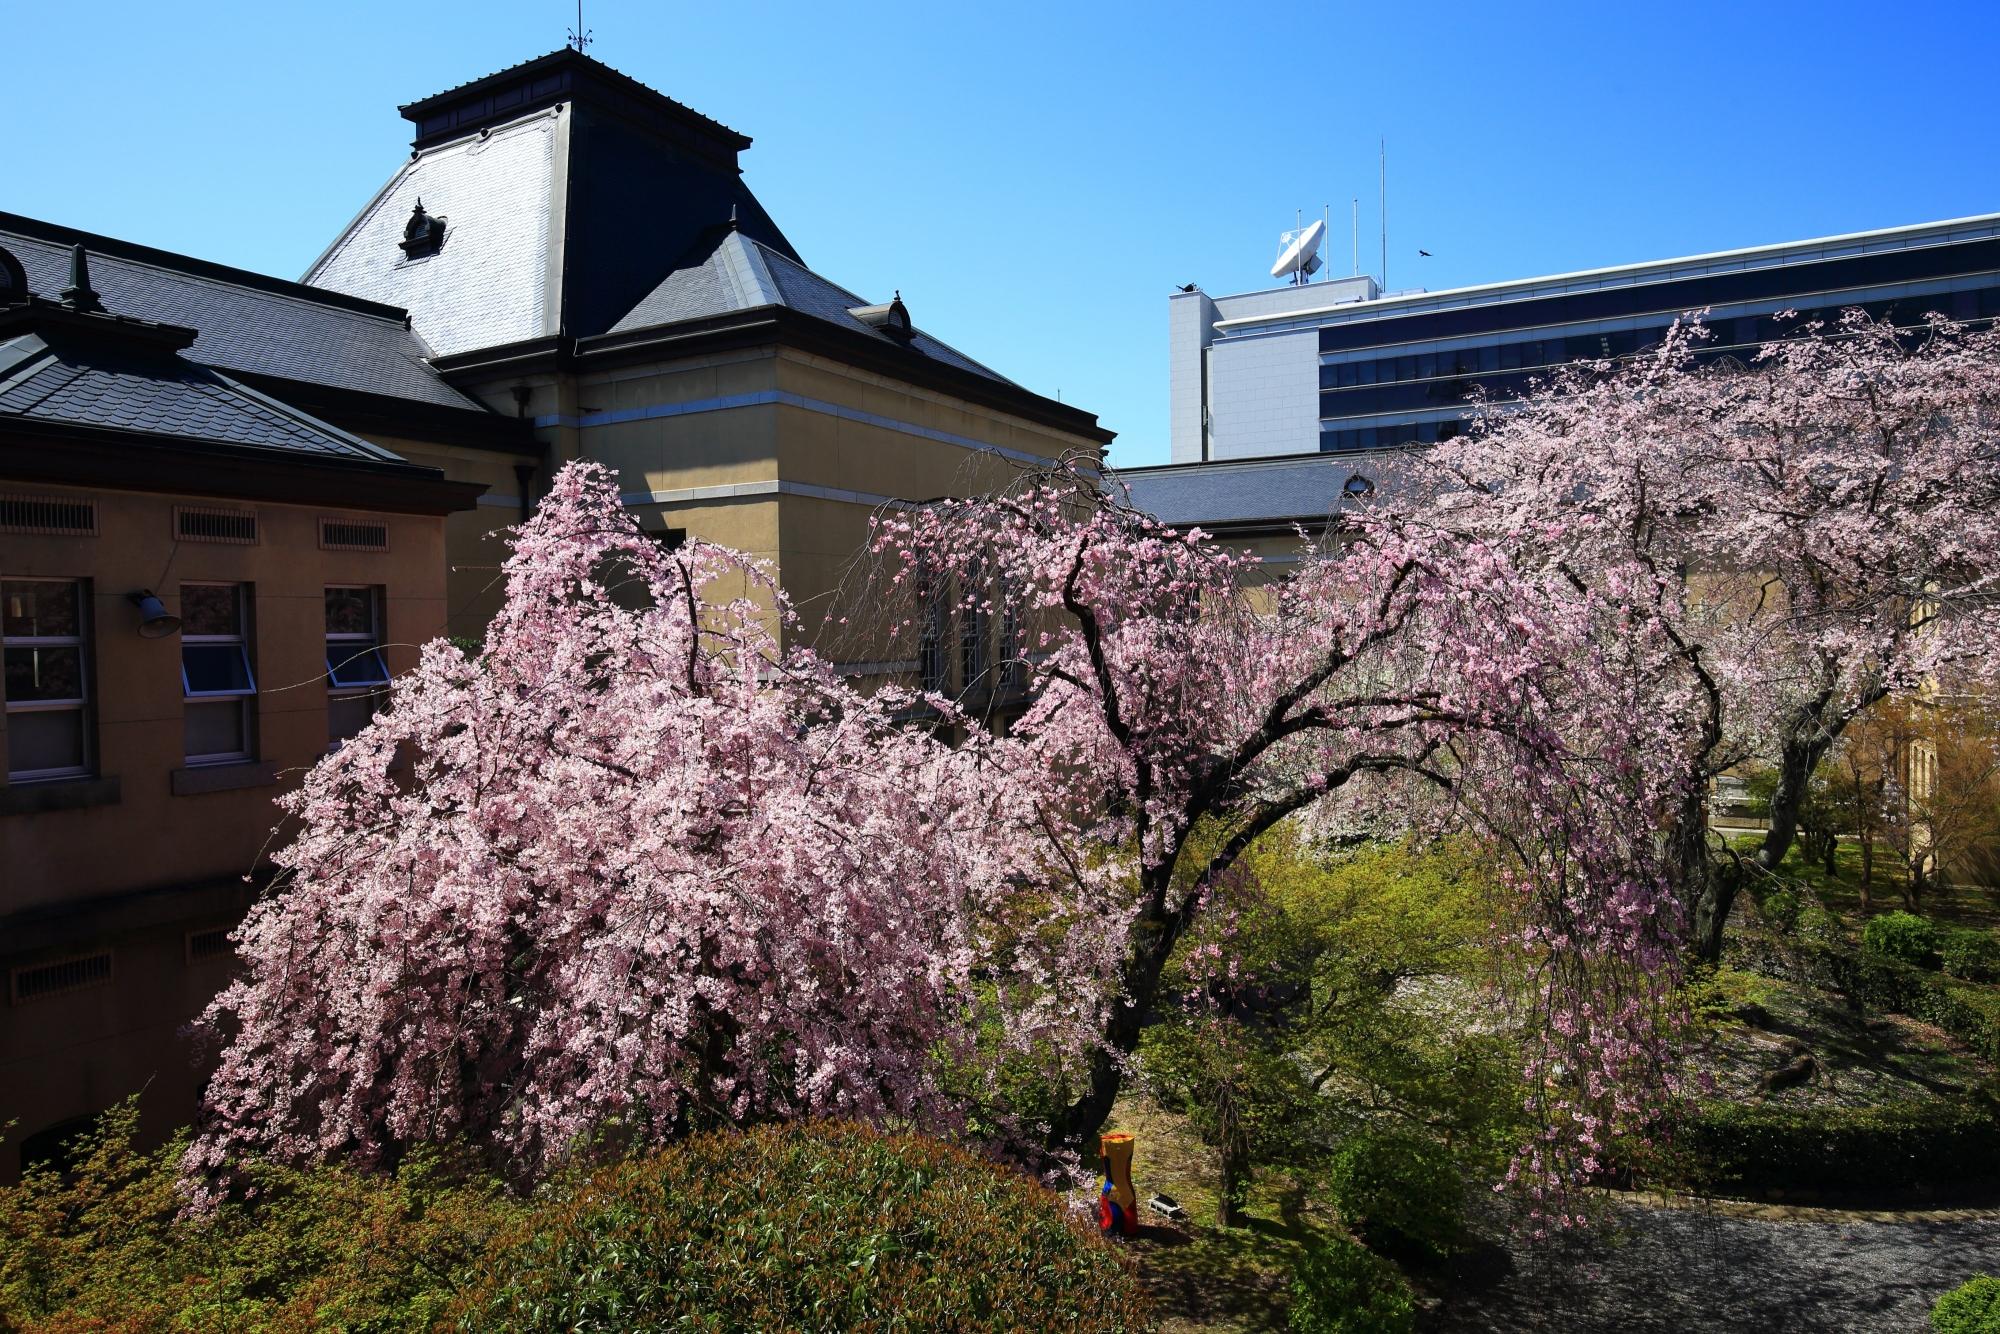 中庭を春色に彩る咲き乱れる桜